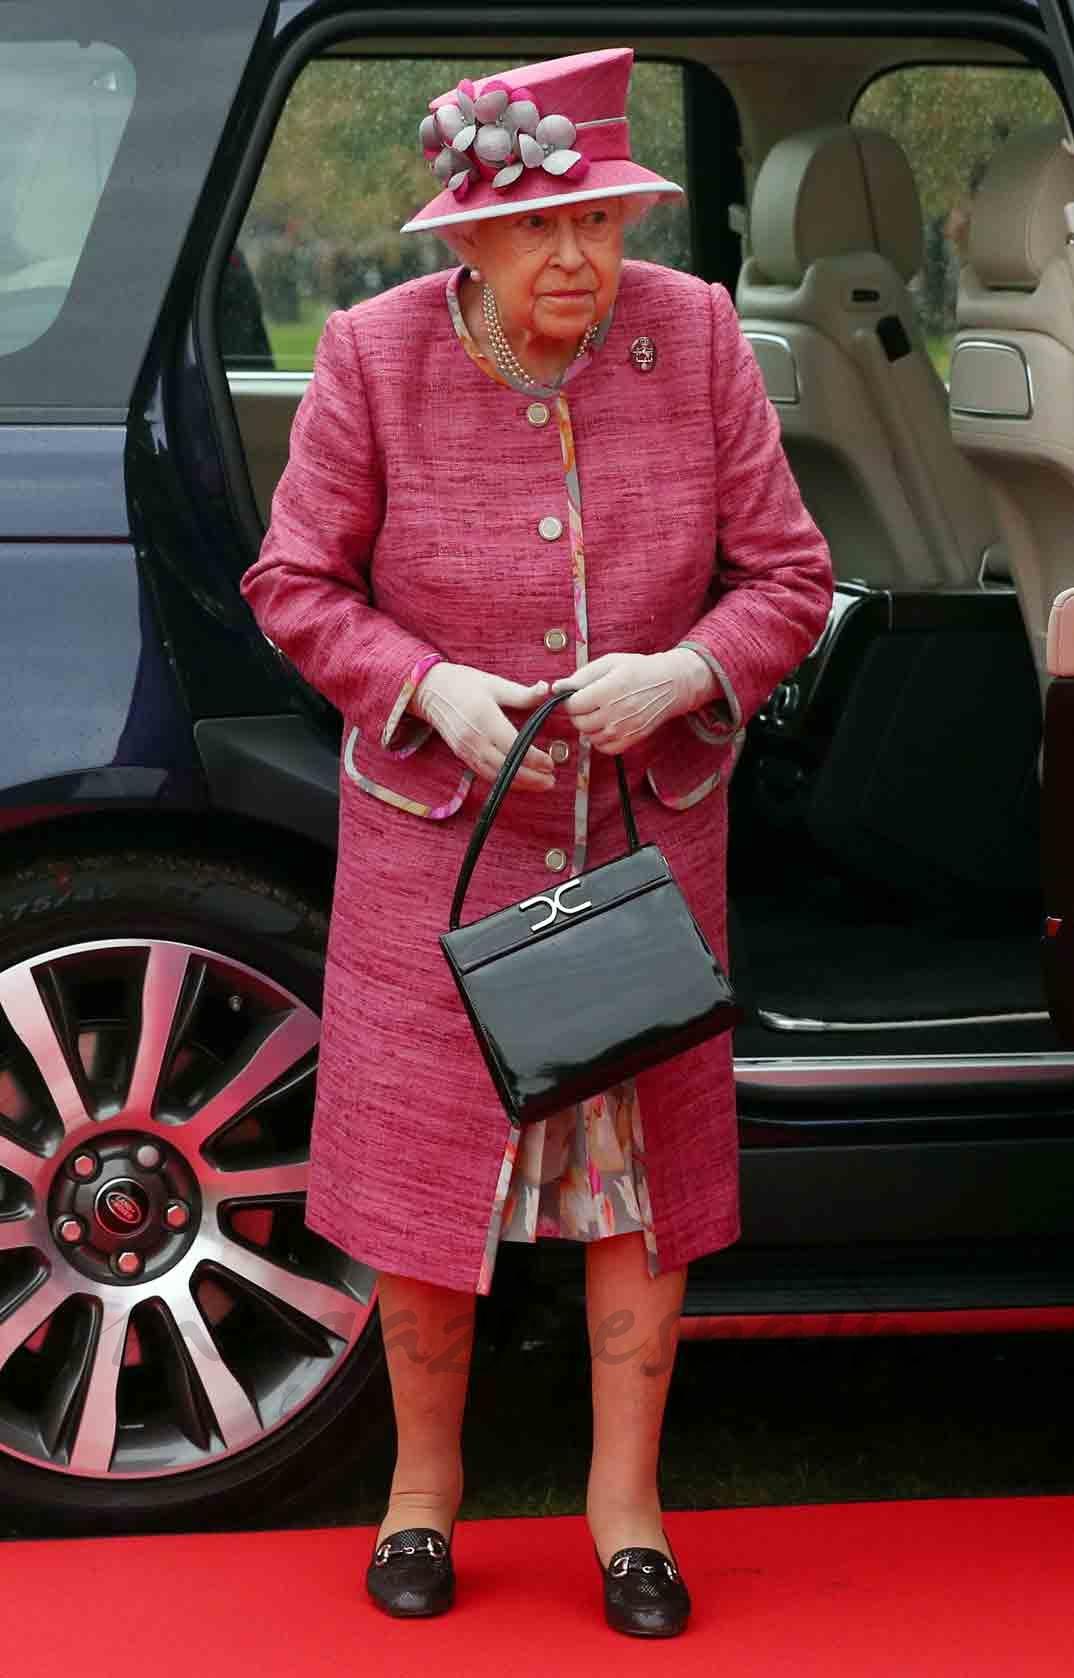 reina isabel preside royal horse artillery 70 aniversario